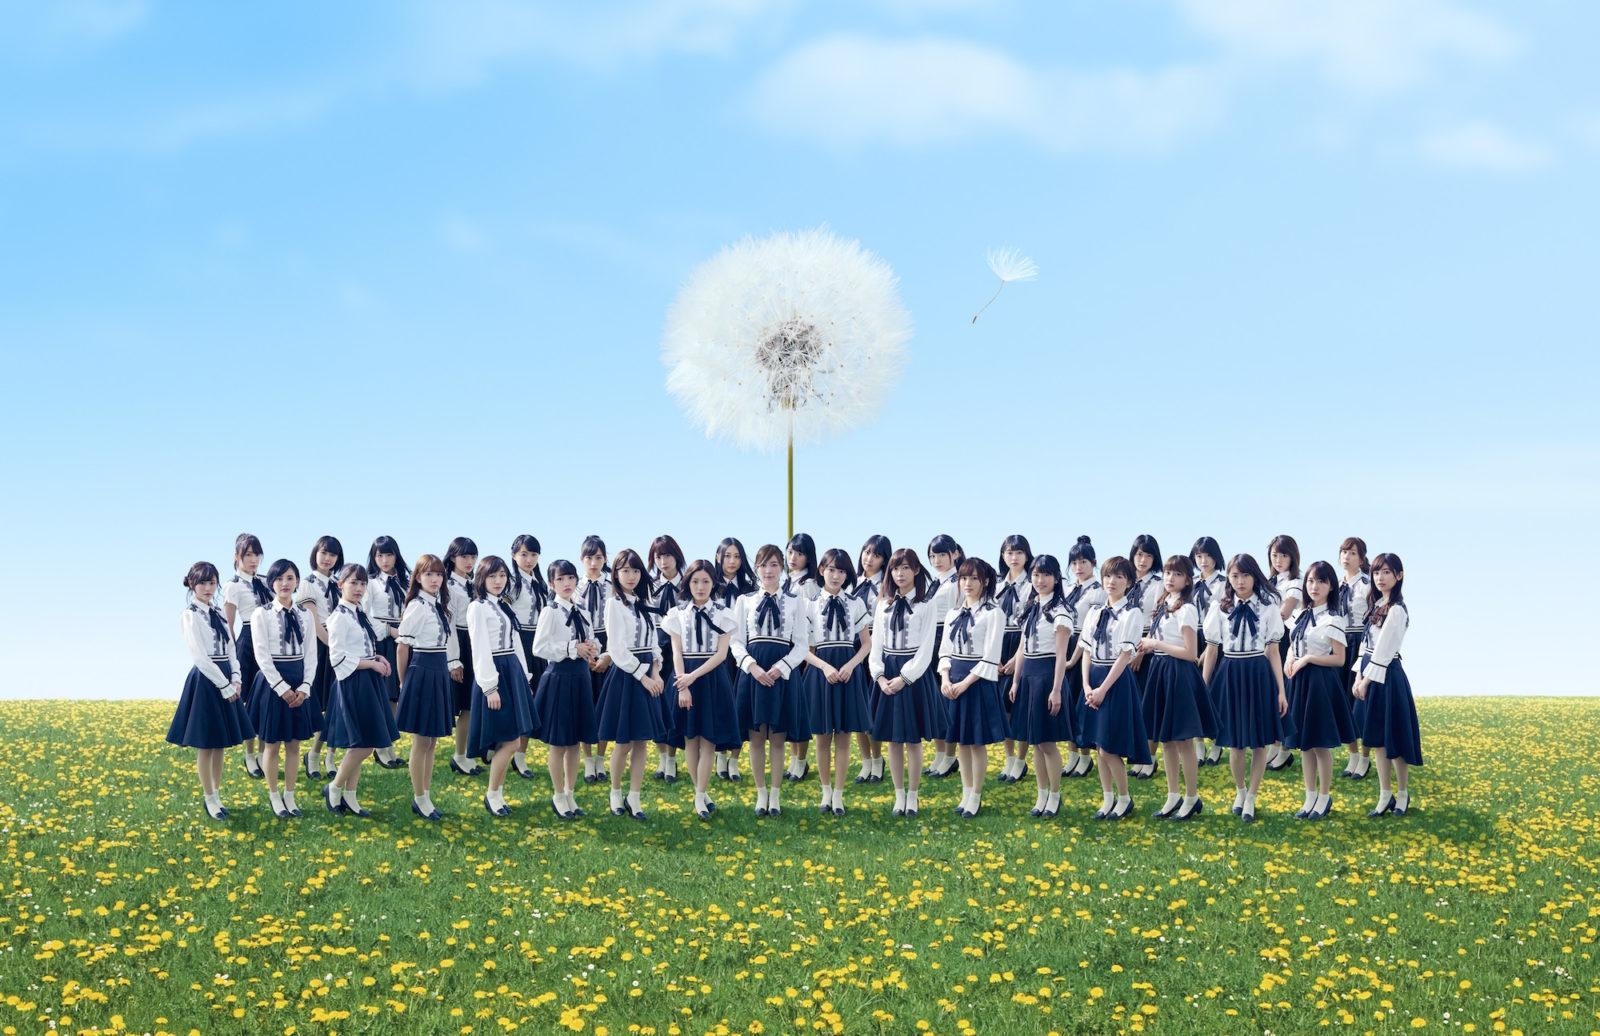 """まゆゆ、ゆきりんと同期!AKB48の""""干されのカリスマ""""が屈辱的な出来事を明かす「私もAKBなんだけどな」サムネイル画像"""